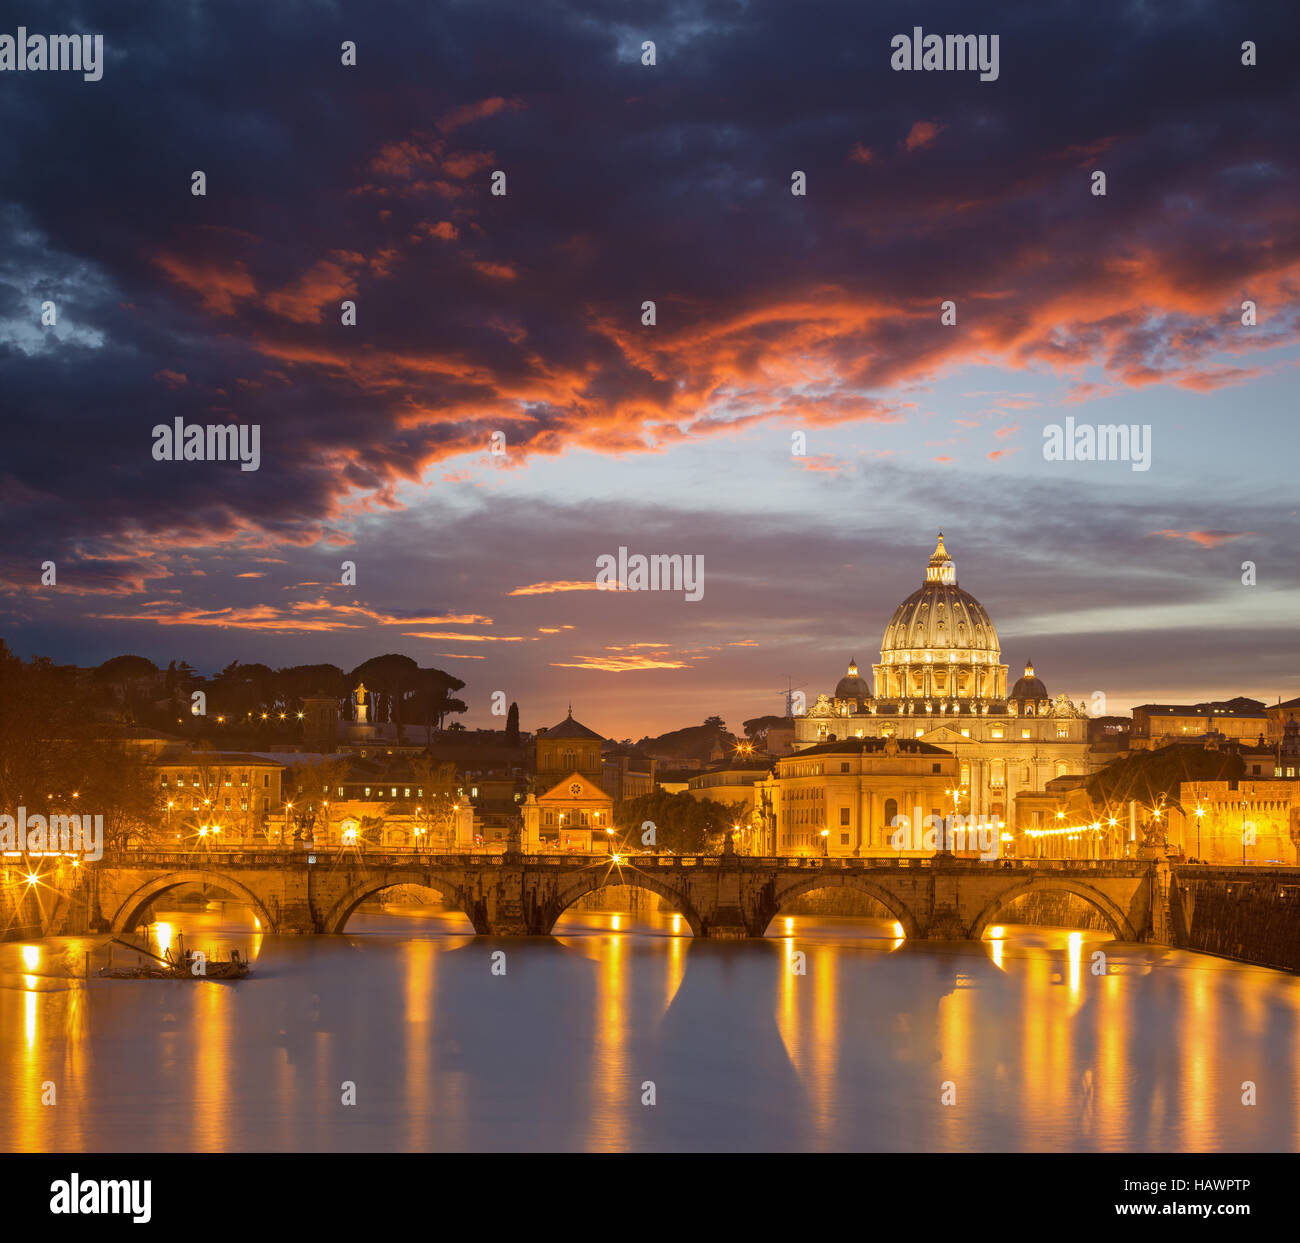 Rom - Engel zu überbrücken und St. Peters Basilika in roten Abenddämmerung Stockbild